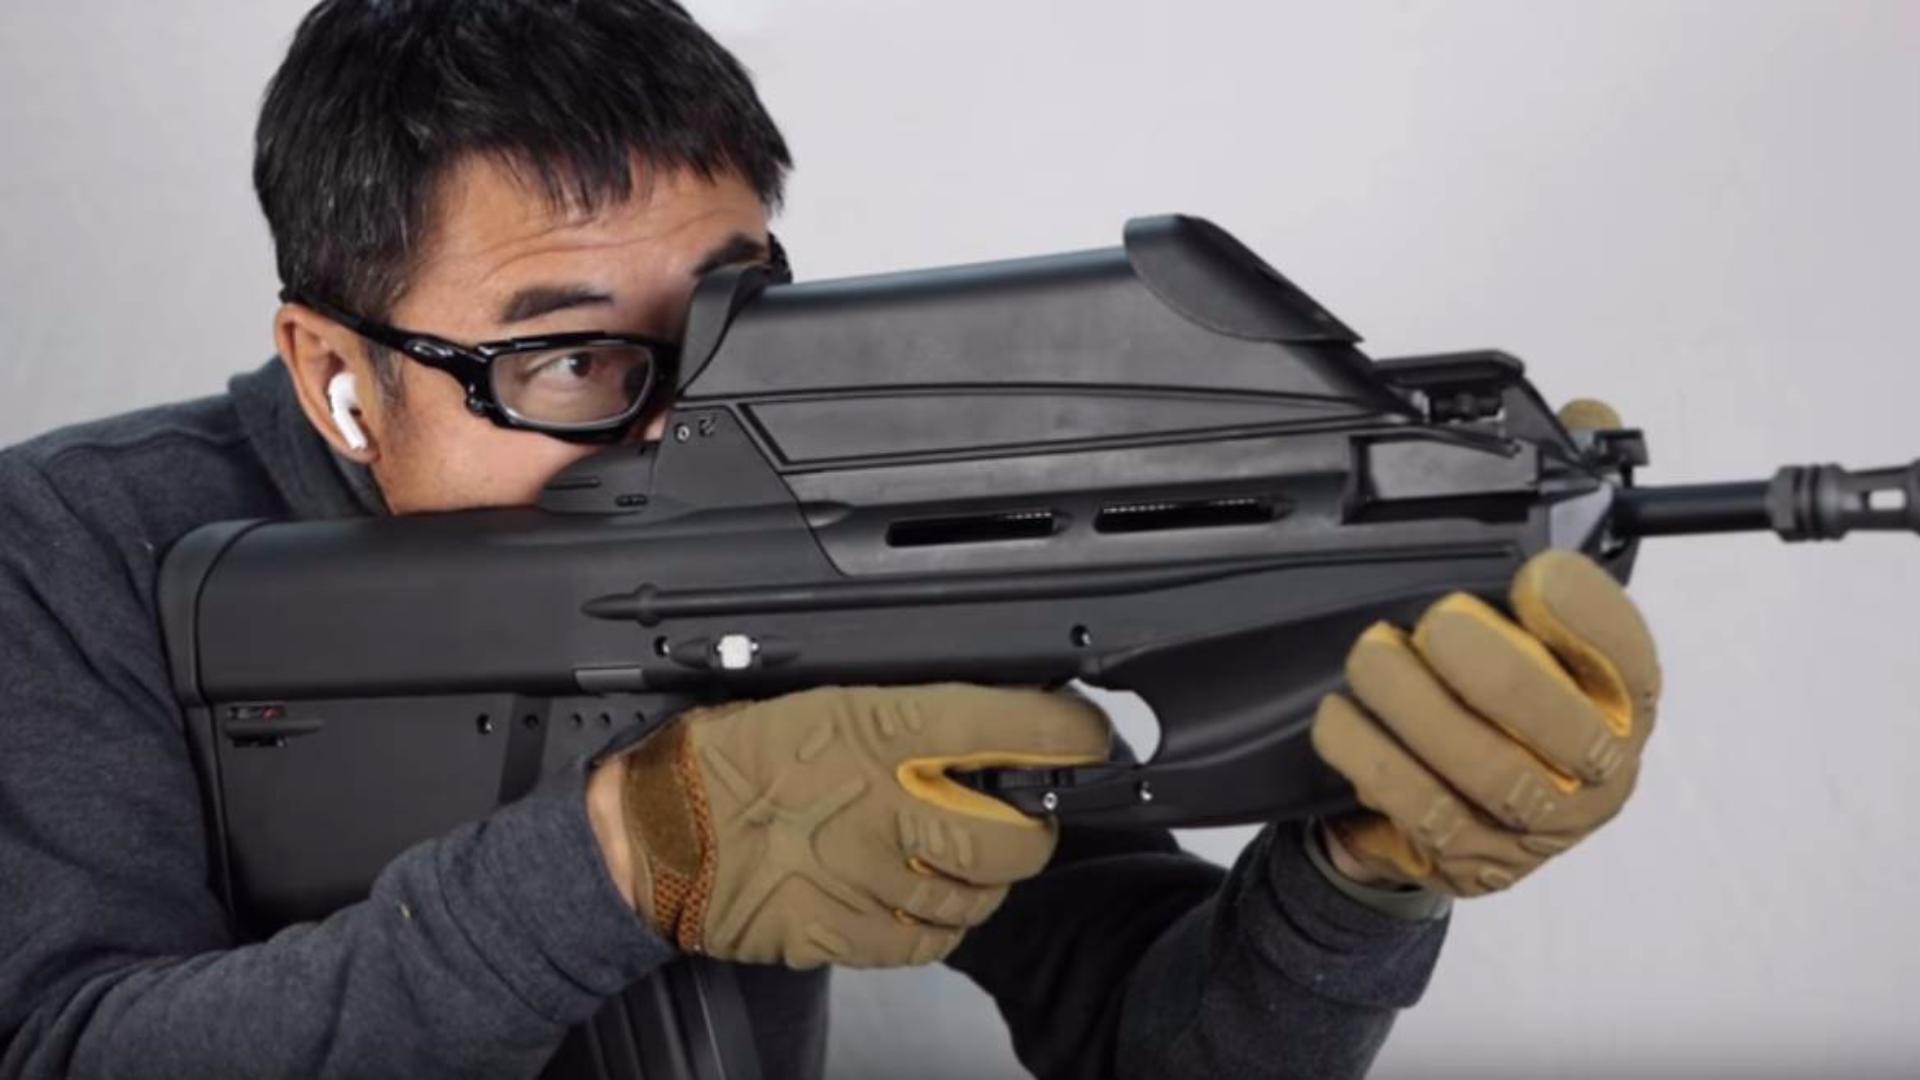 日本壕堺大叔:F2000 ETU FN正式G&G电动枪!!!